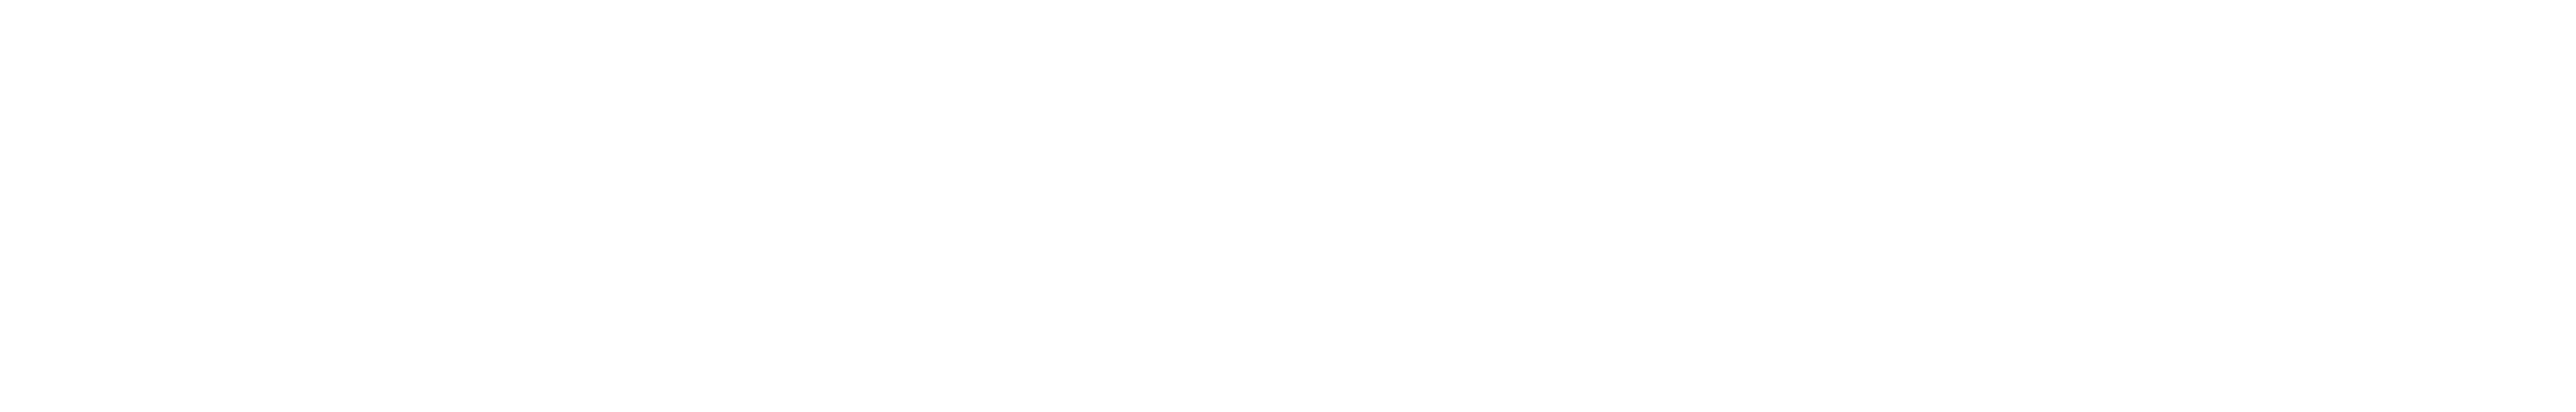 sleev3s_noiseporn_logo_white